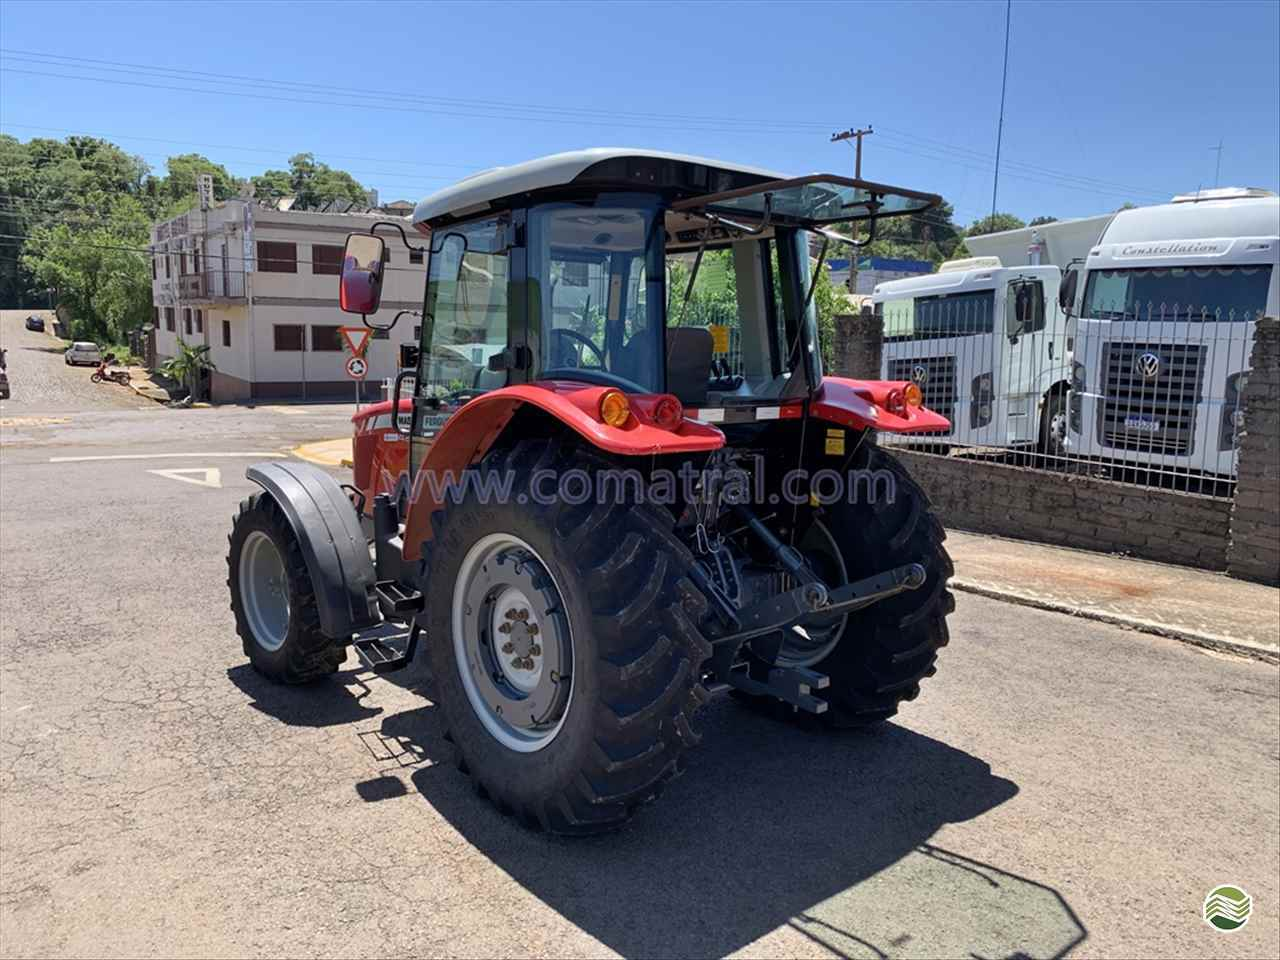 MASSEY FERGUSON MF 4275  2015/2015 Comatral Caminhões e Máquinas Agrícolas